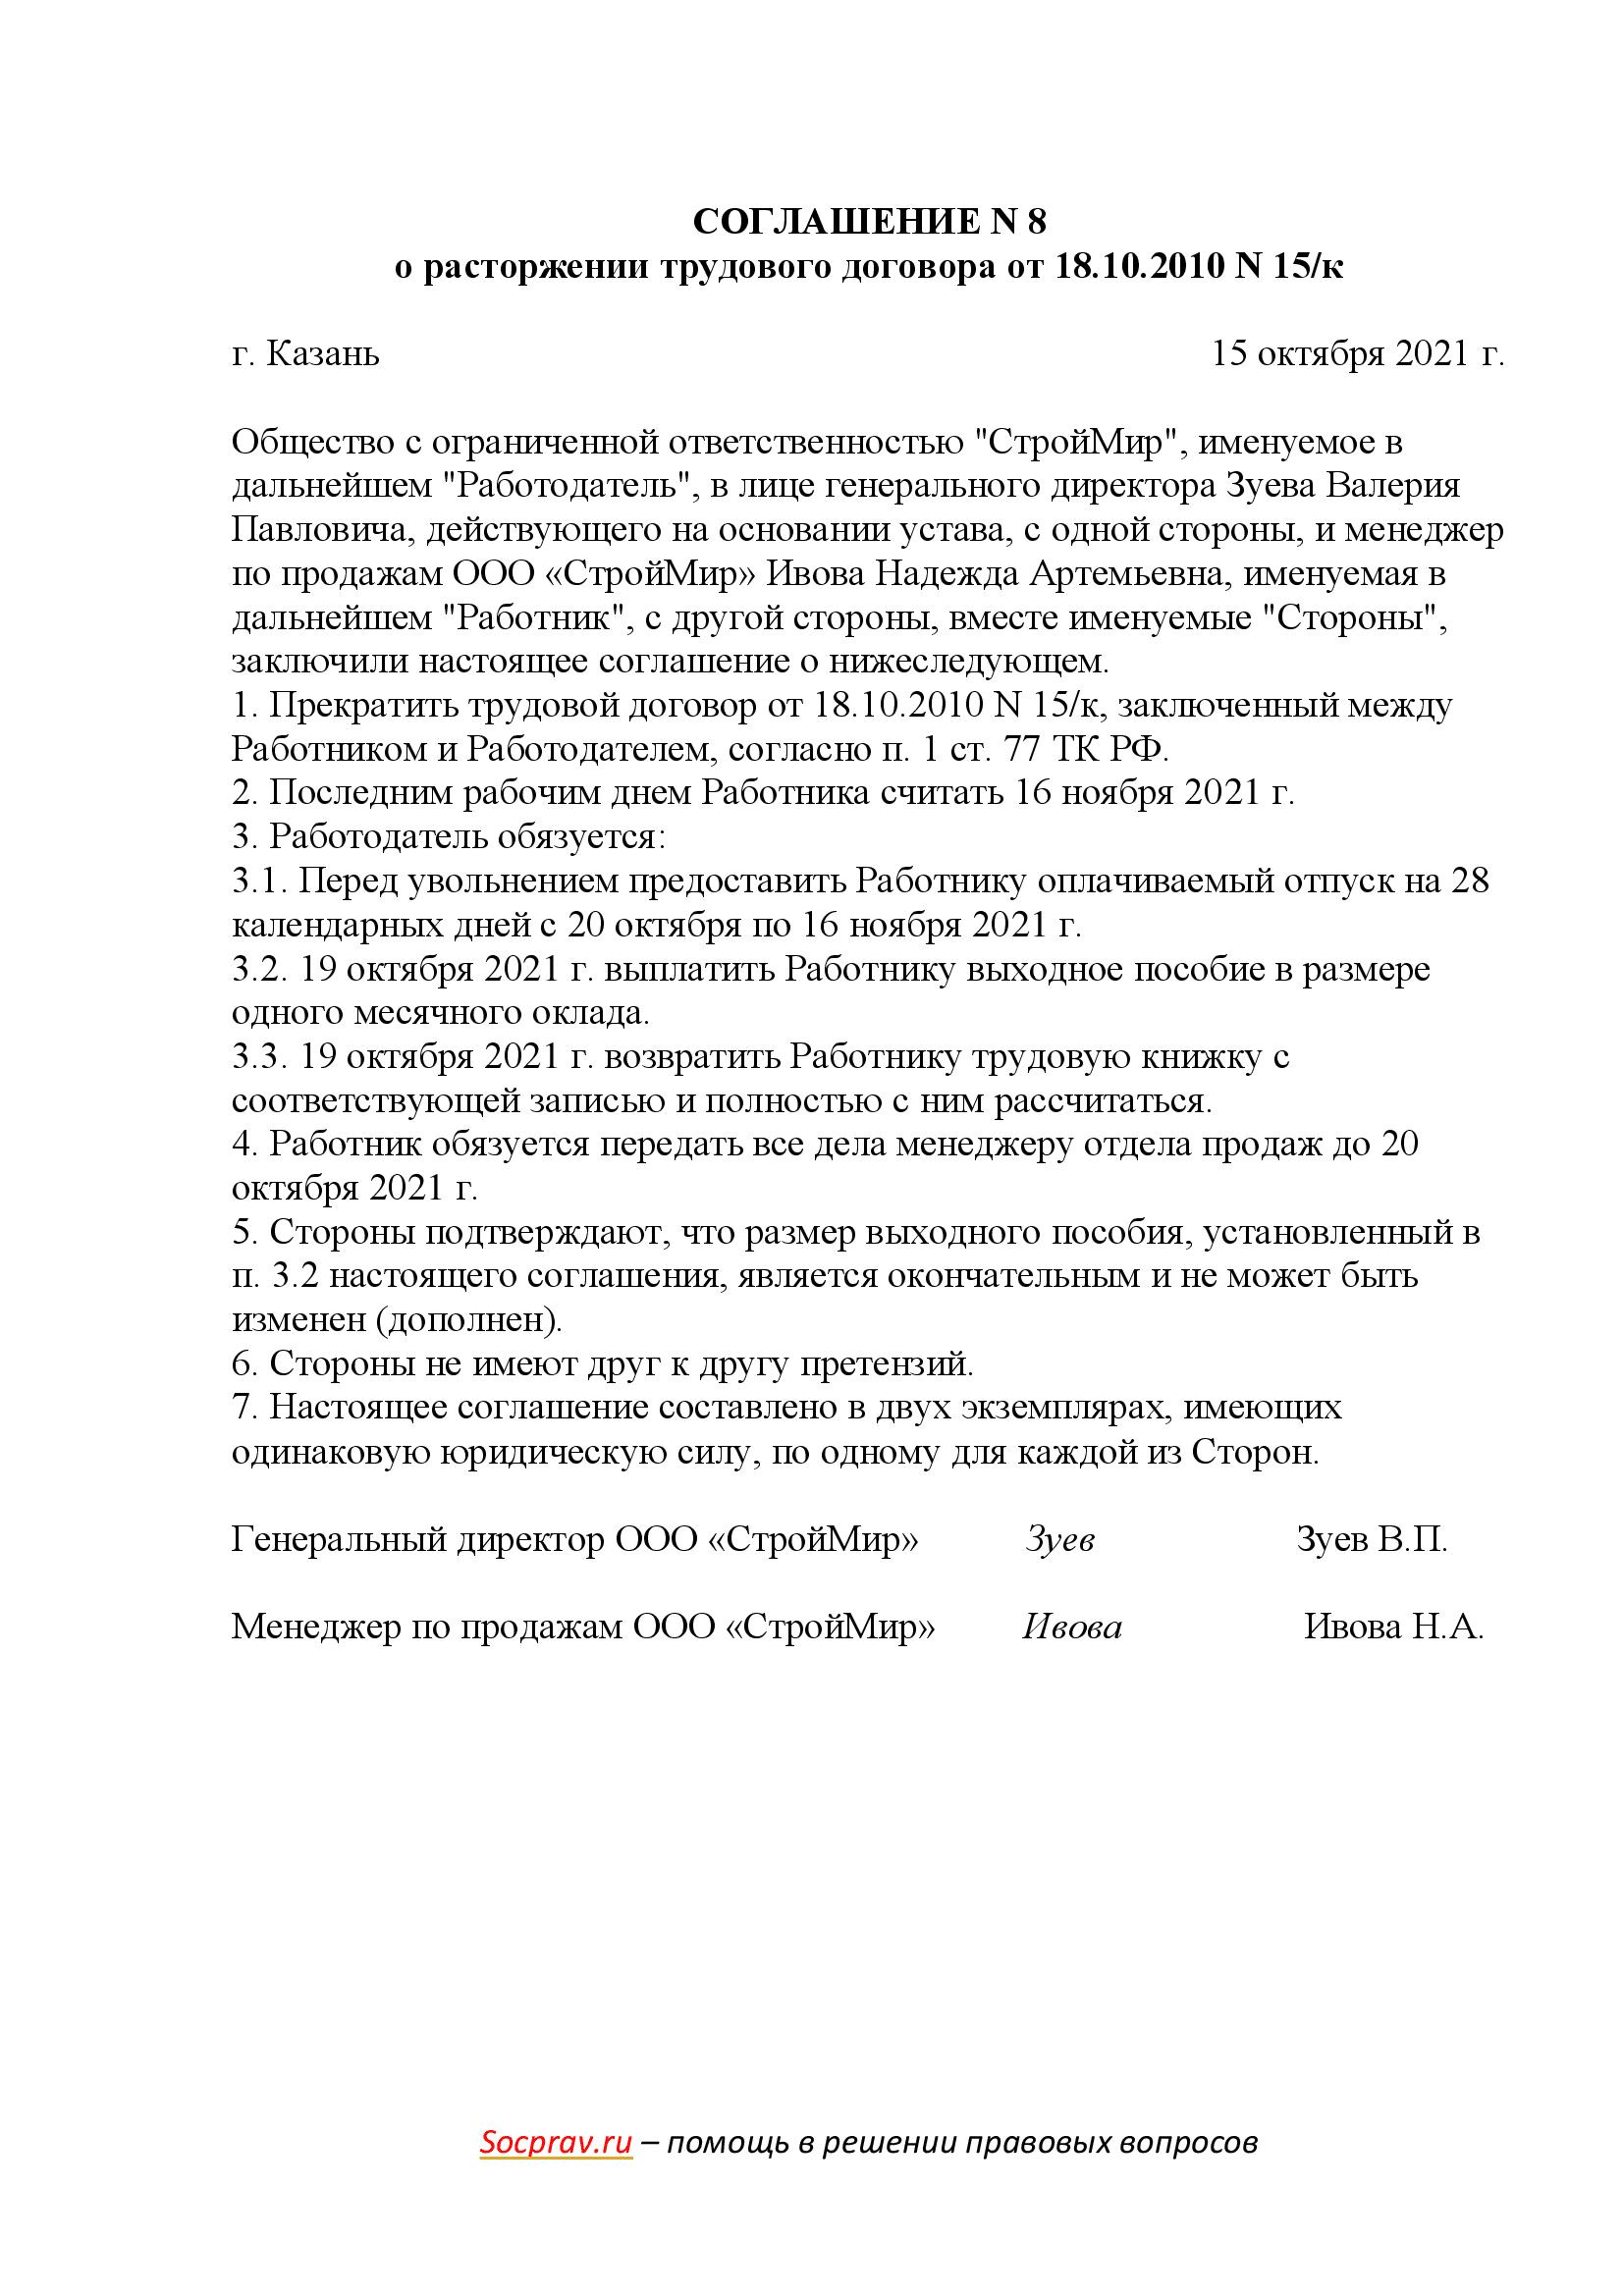 Соглашение о расторжении трудового договора (в связи с уходом в декретный отпуск)